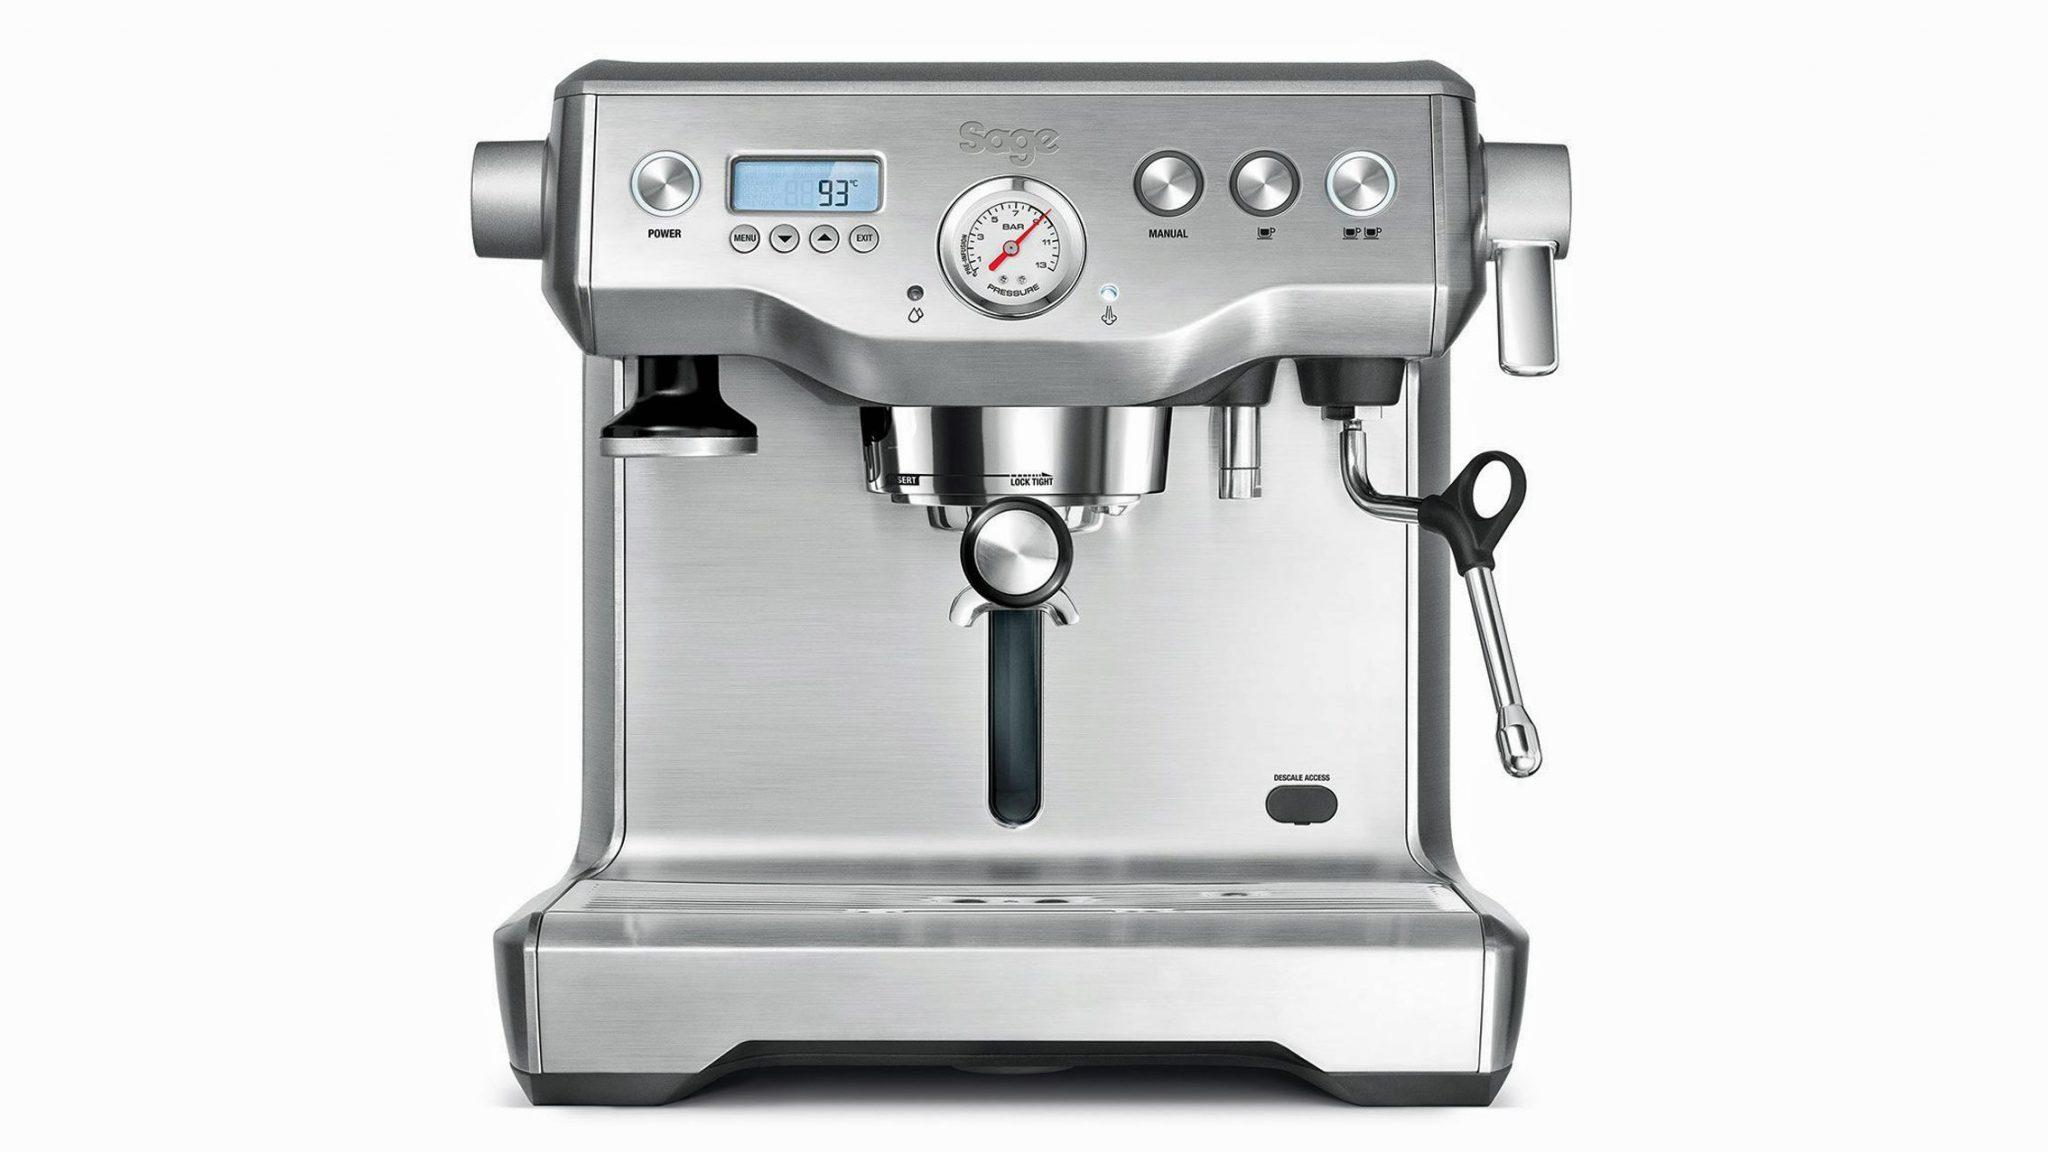 3 2 - بهترین دستگاه های اسپرسو ساز (قهوه ساز) برای خرید کدام اند؟